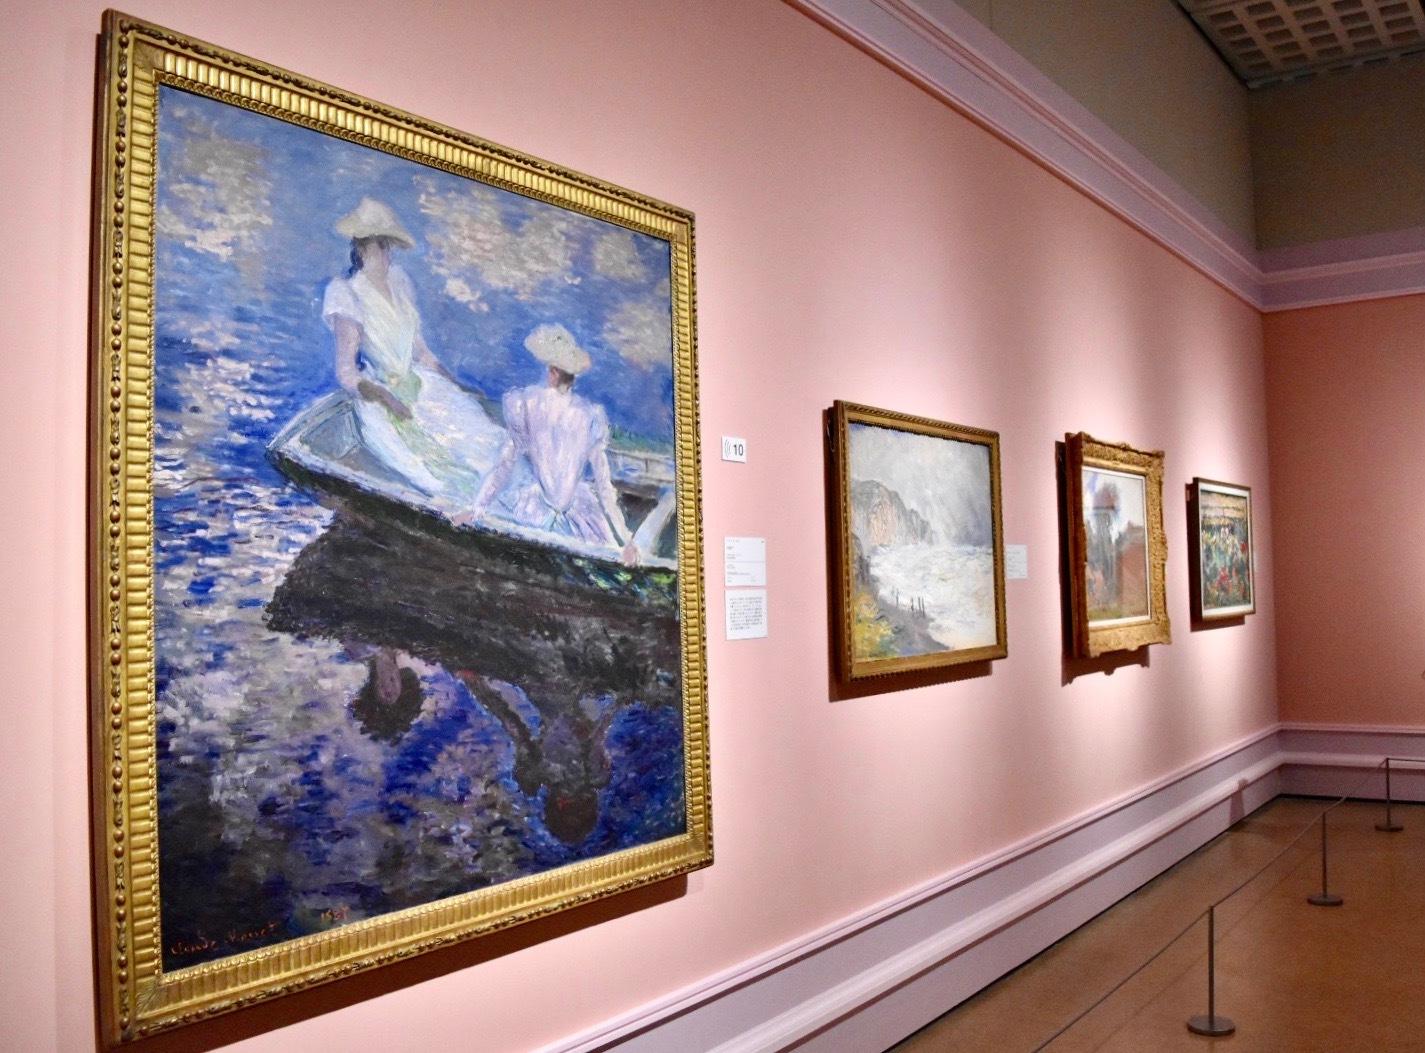 左:クロード・モネ 《舟遊び》 1887年 国立西洋美術館蔵